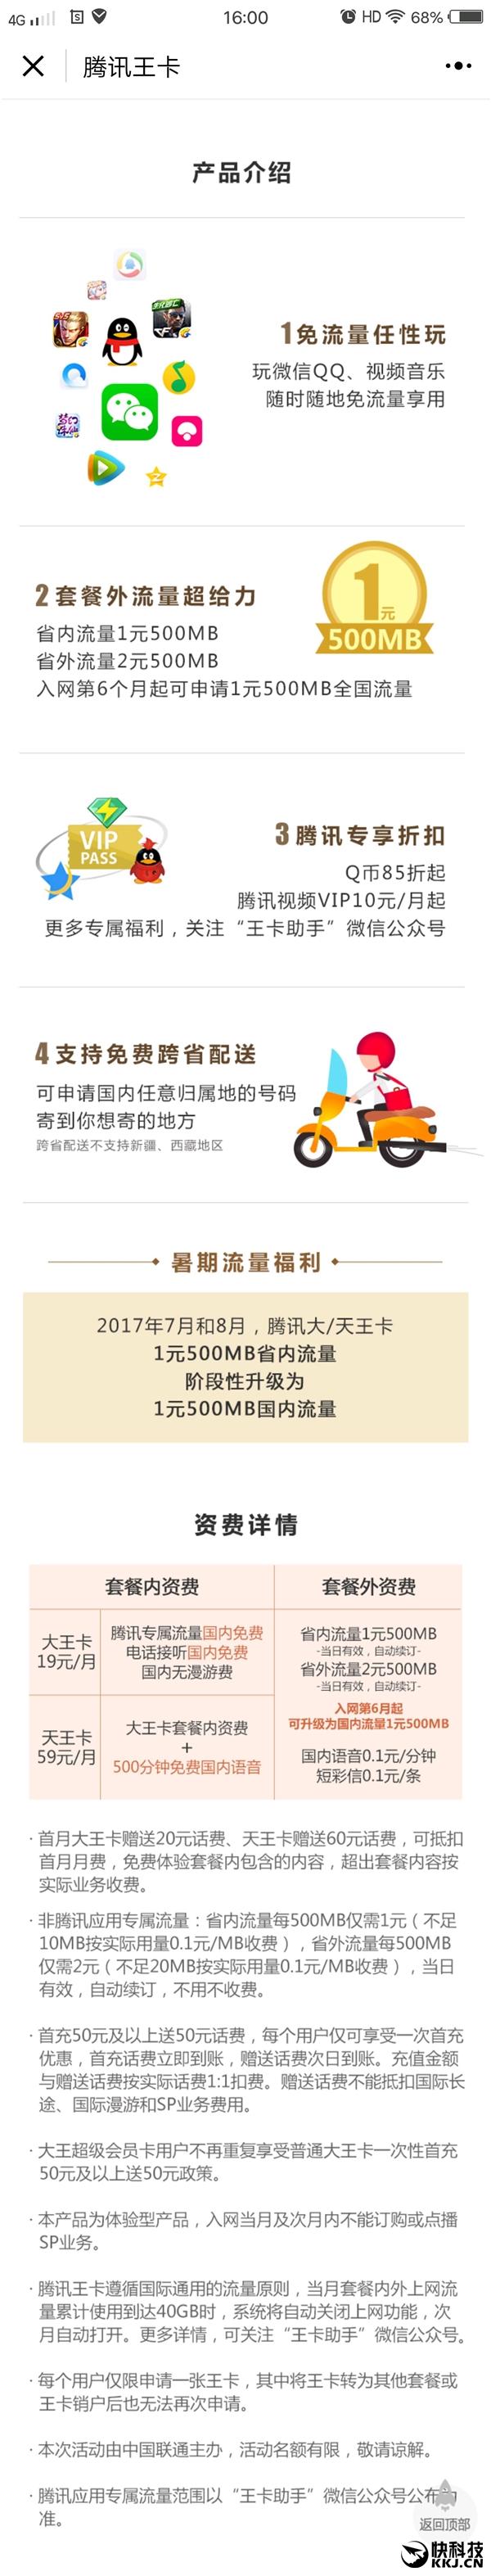 腾讯王卡现身微信钱包!首月免费体验